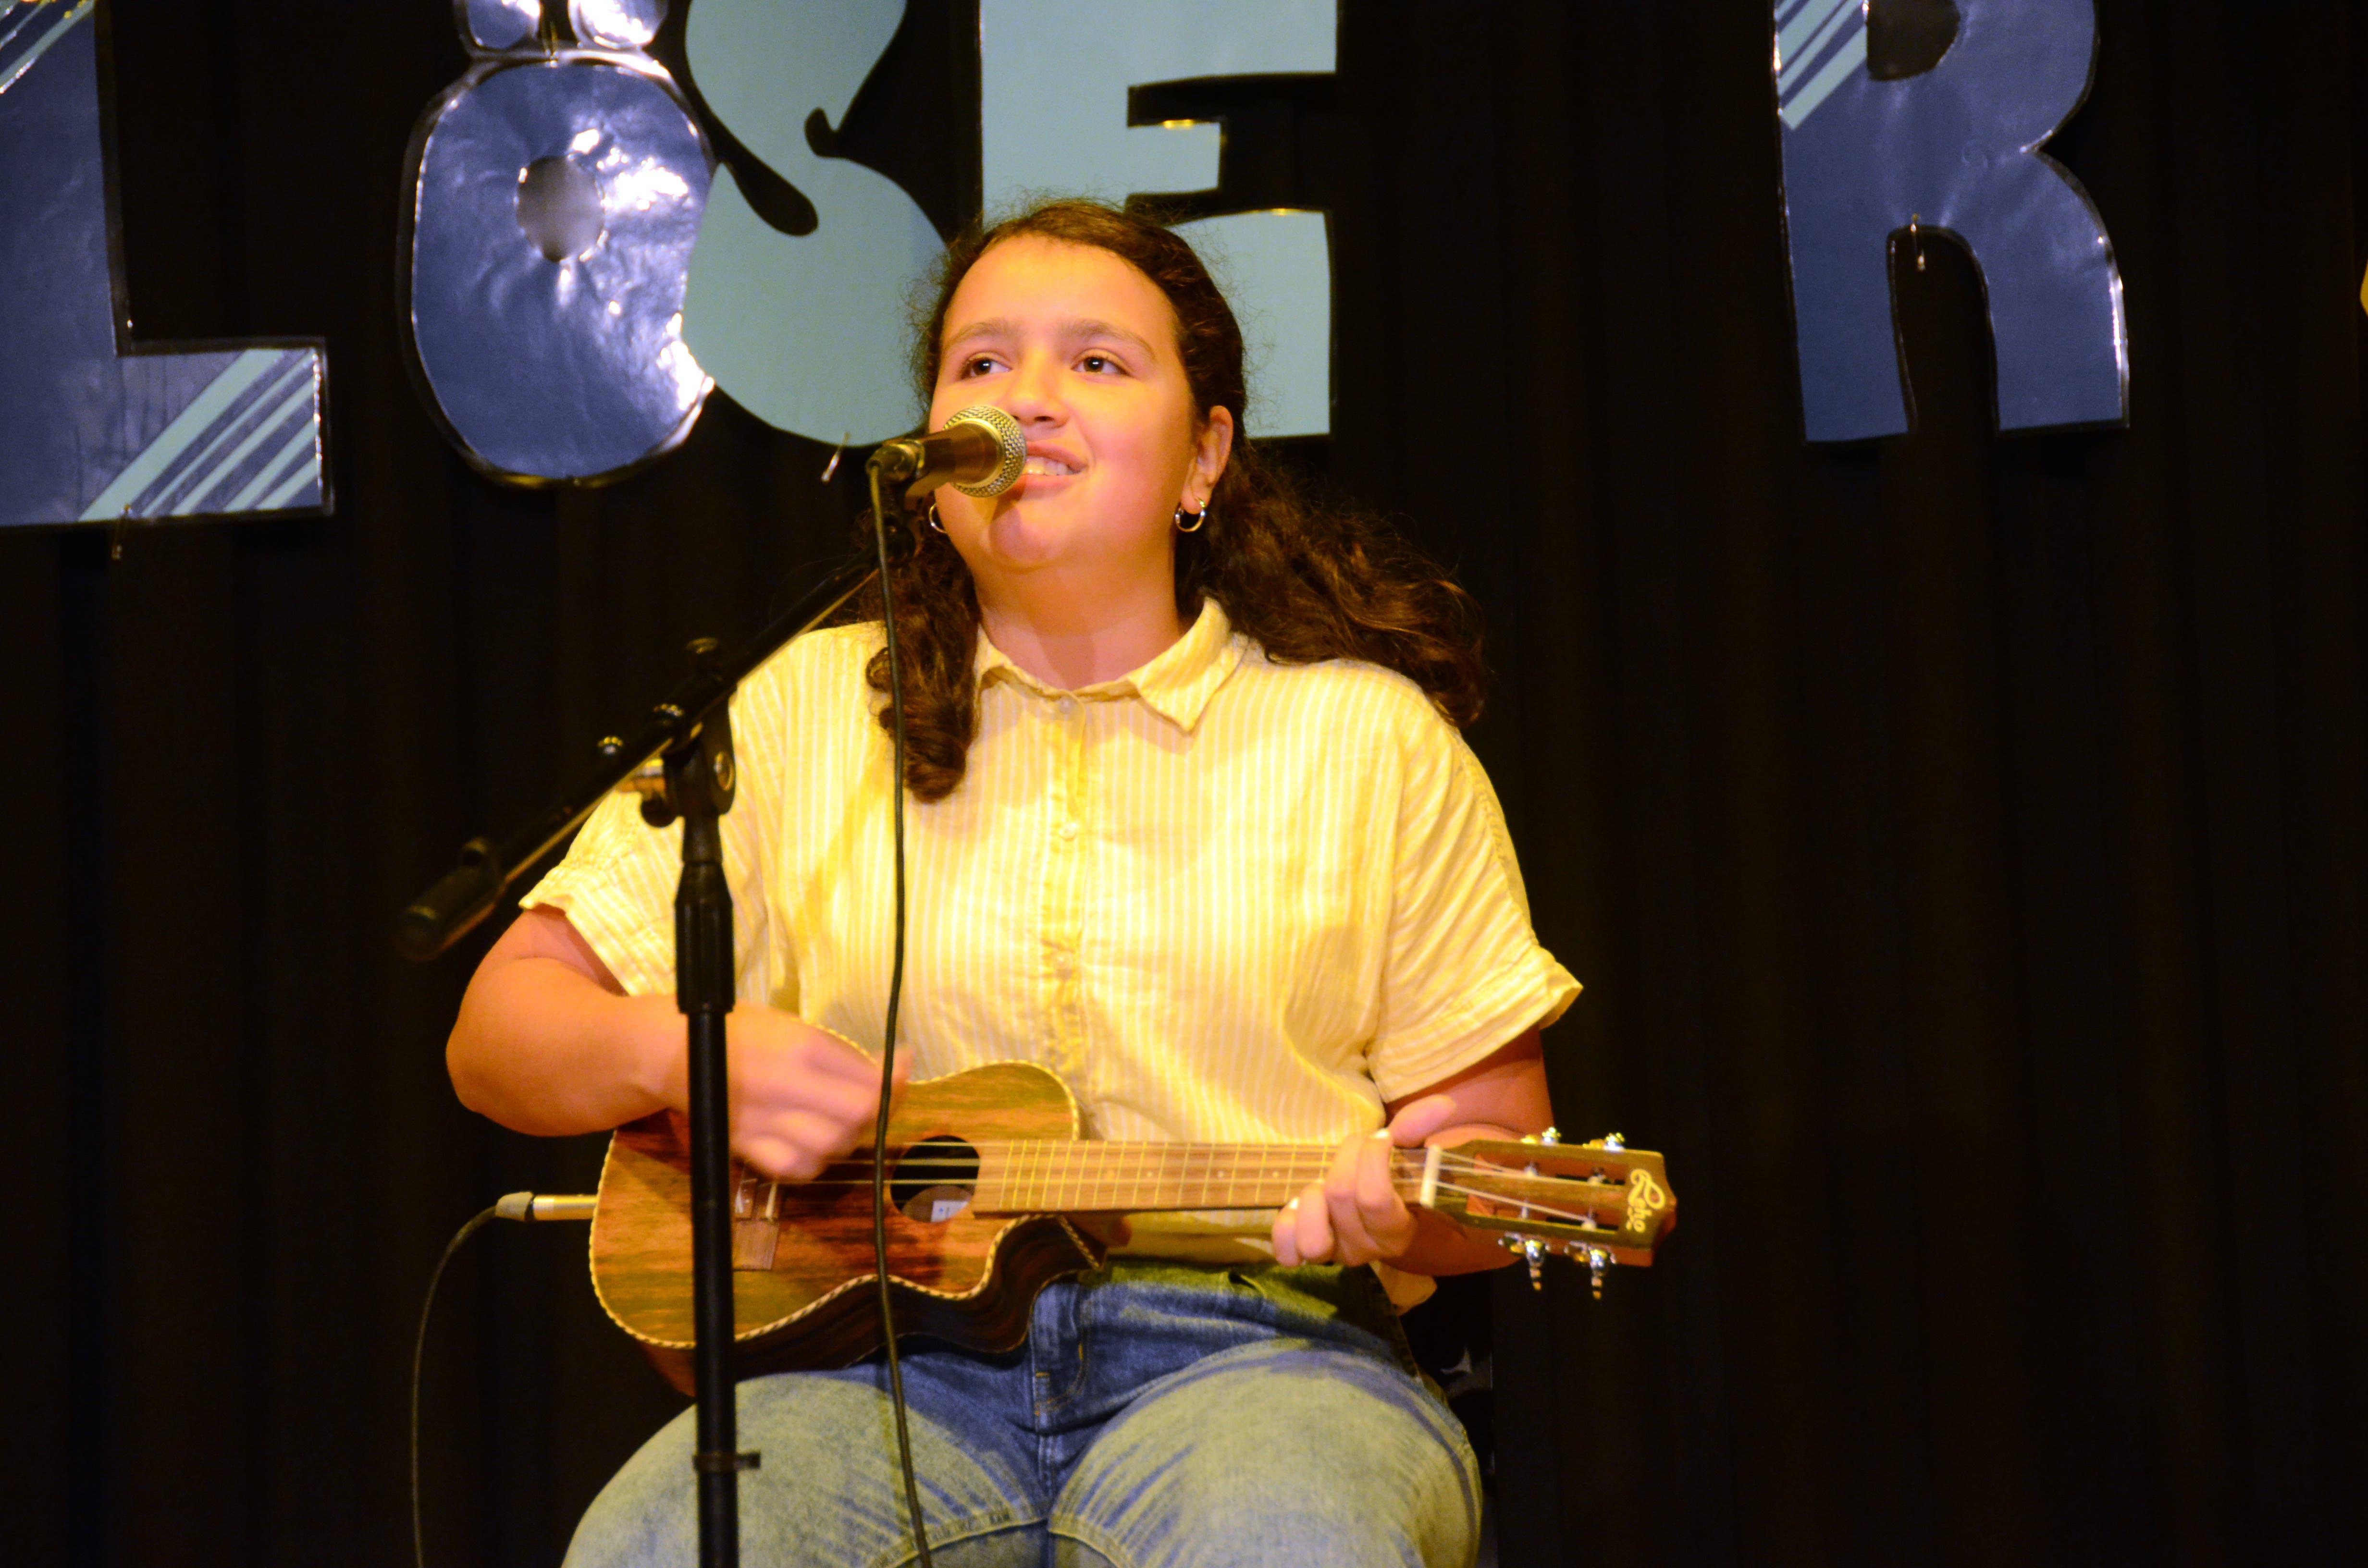 Laura spielte mit der Ukulele und sang dazu.